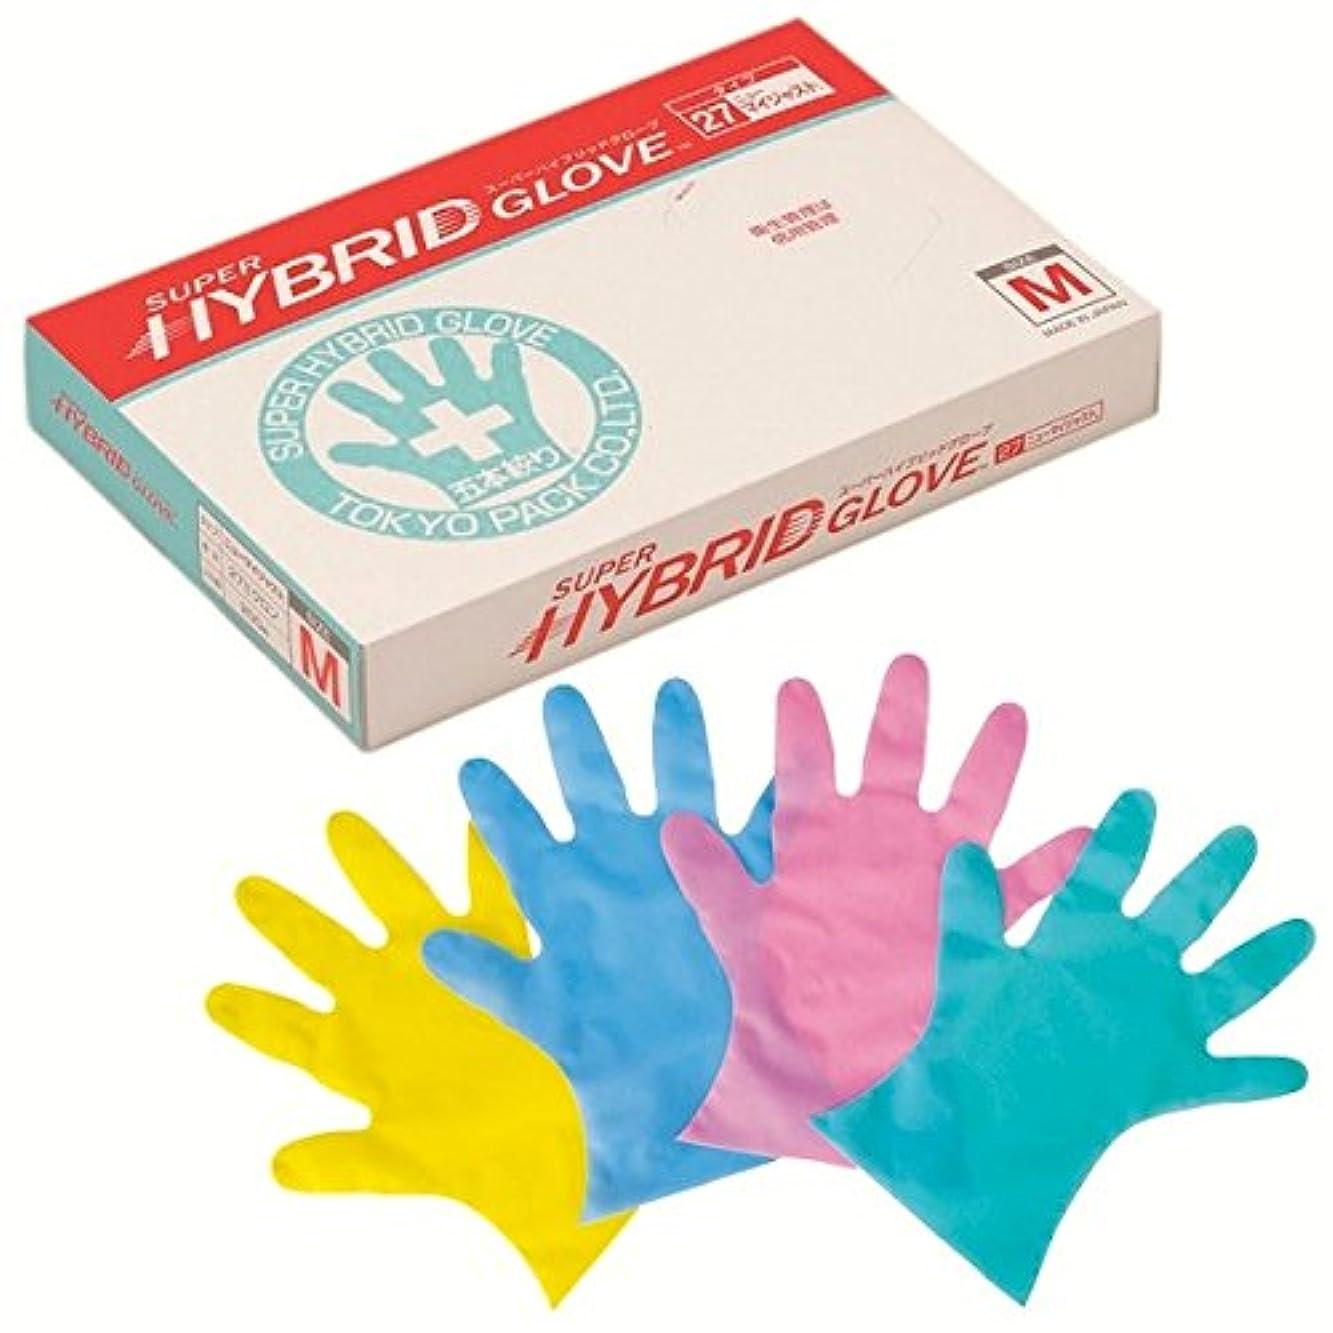 コロニー爪後悔東京パック エンボス手袋 スーパーハイブリッドグローブ ニューマイジャスト ブルー M 200枚